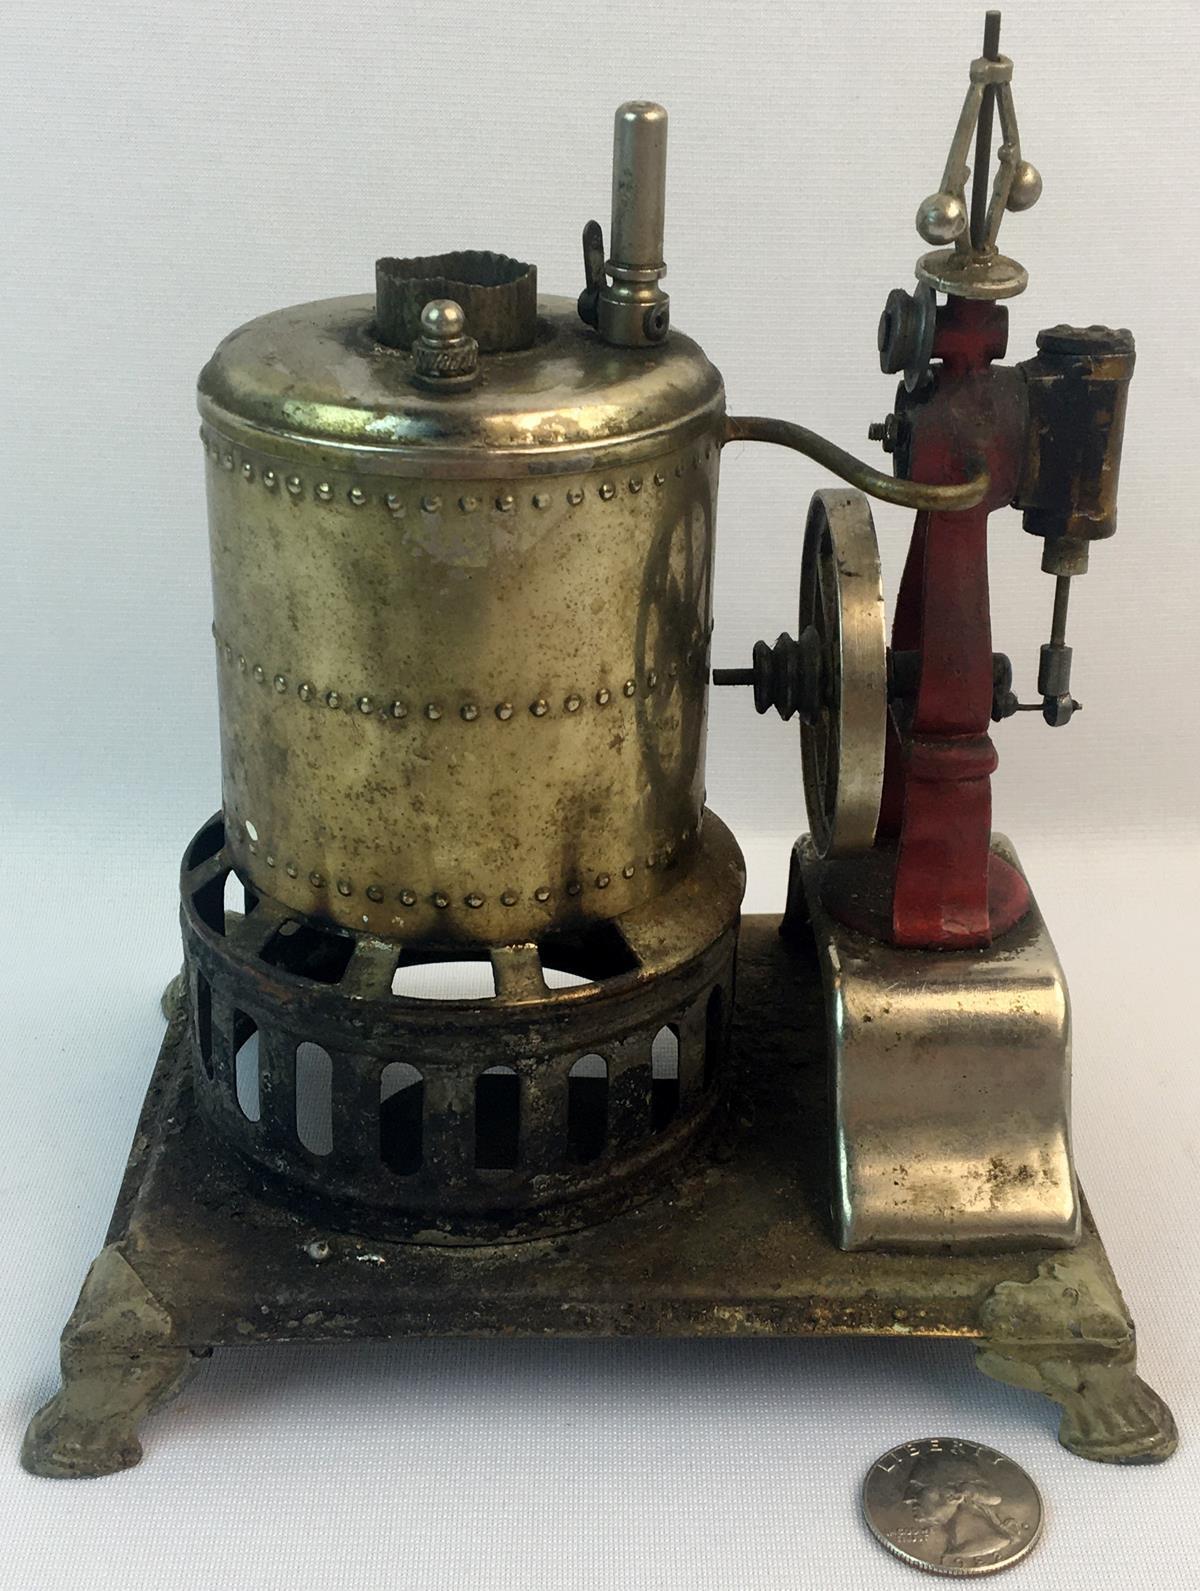 Antique c. 1900 Weeden No. 17 Toy Steam Engine